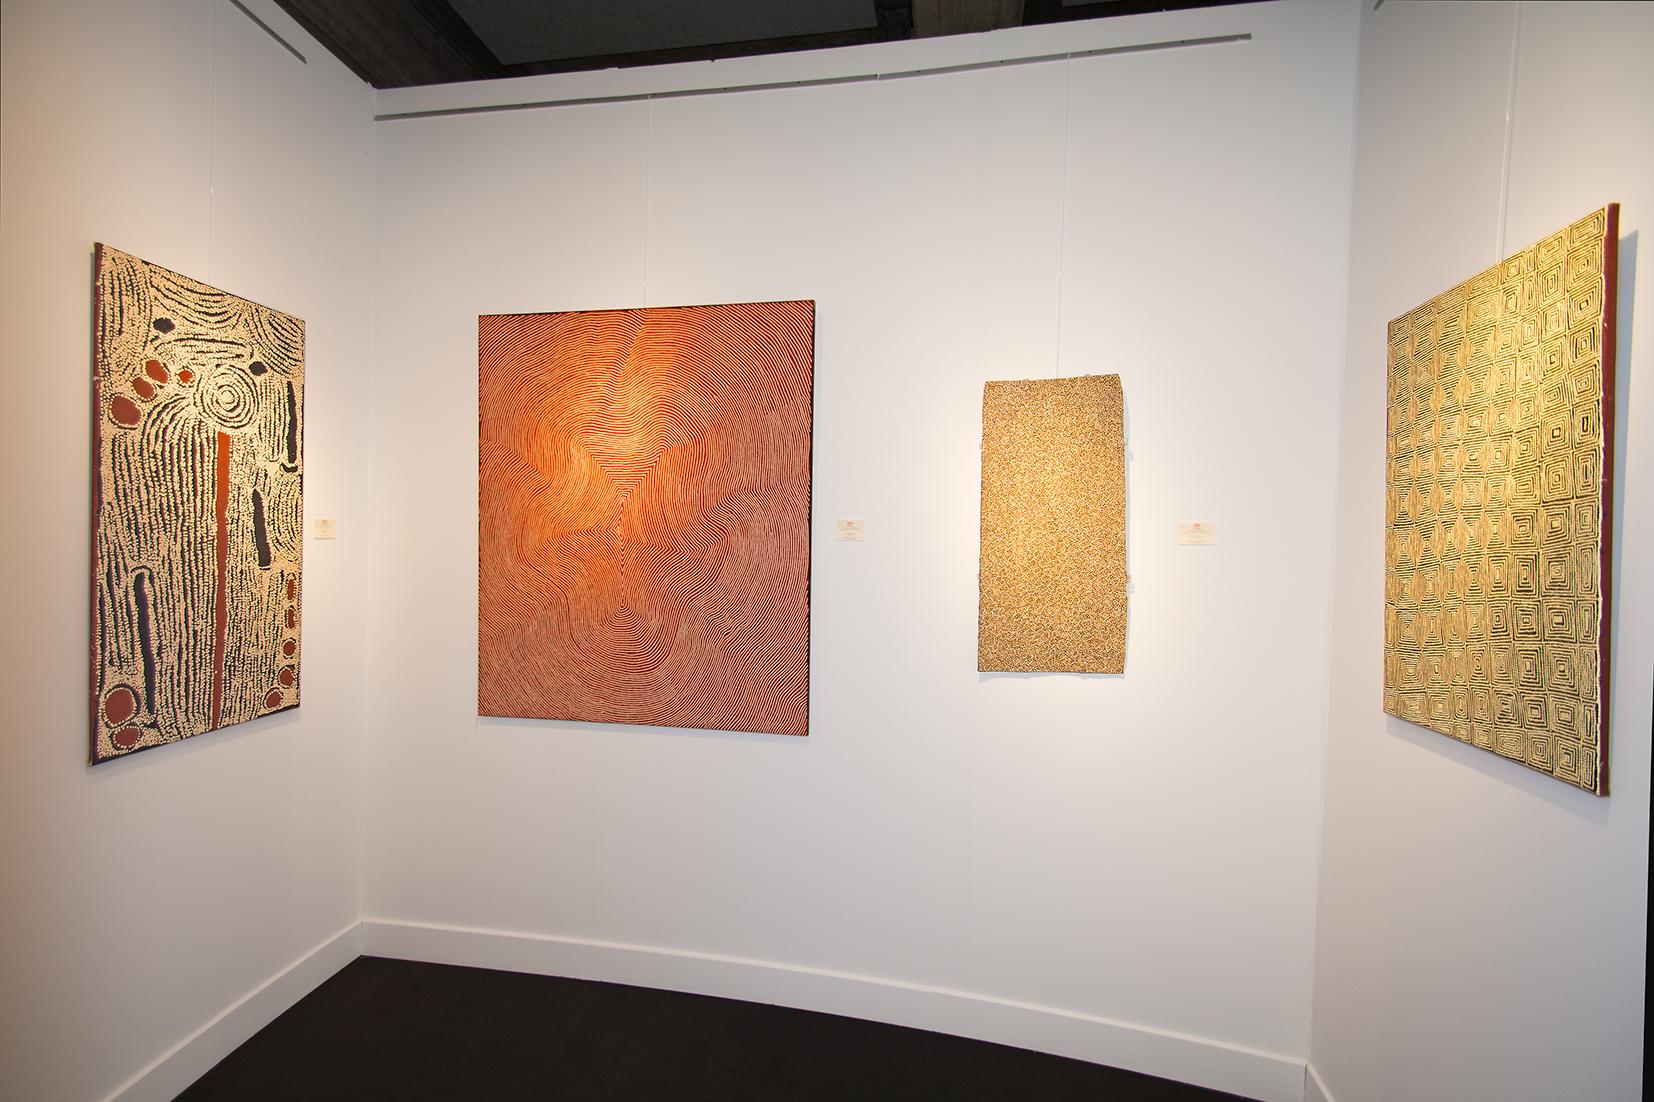 De gauche à droite différentes peintures Aborigènes du centre d'art de Papunya Tula : L'artiste Ningura Napurrula, une œuvre importante de l'artiste Warlimpirrnga Tjapaltjarri un des derniers nomades, l'artiste Gulumbu Yunupingu du centre d'art de Yirrkala, une toile en noir et blanc de l'artiste Ray James Tjangala de Papunya.